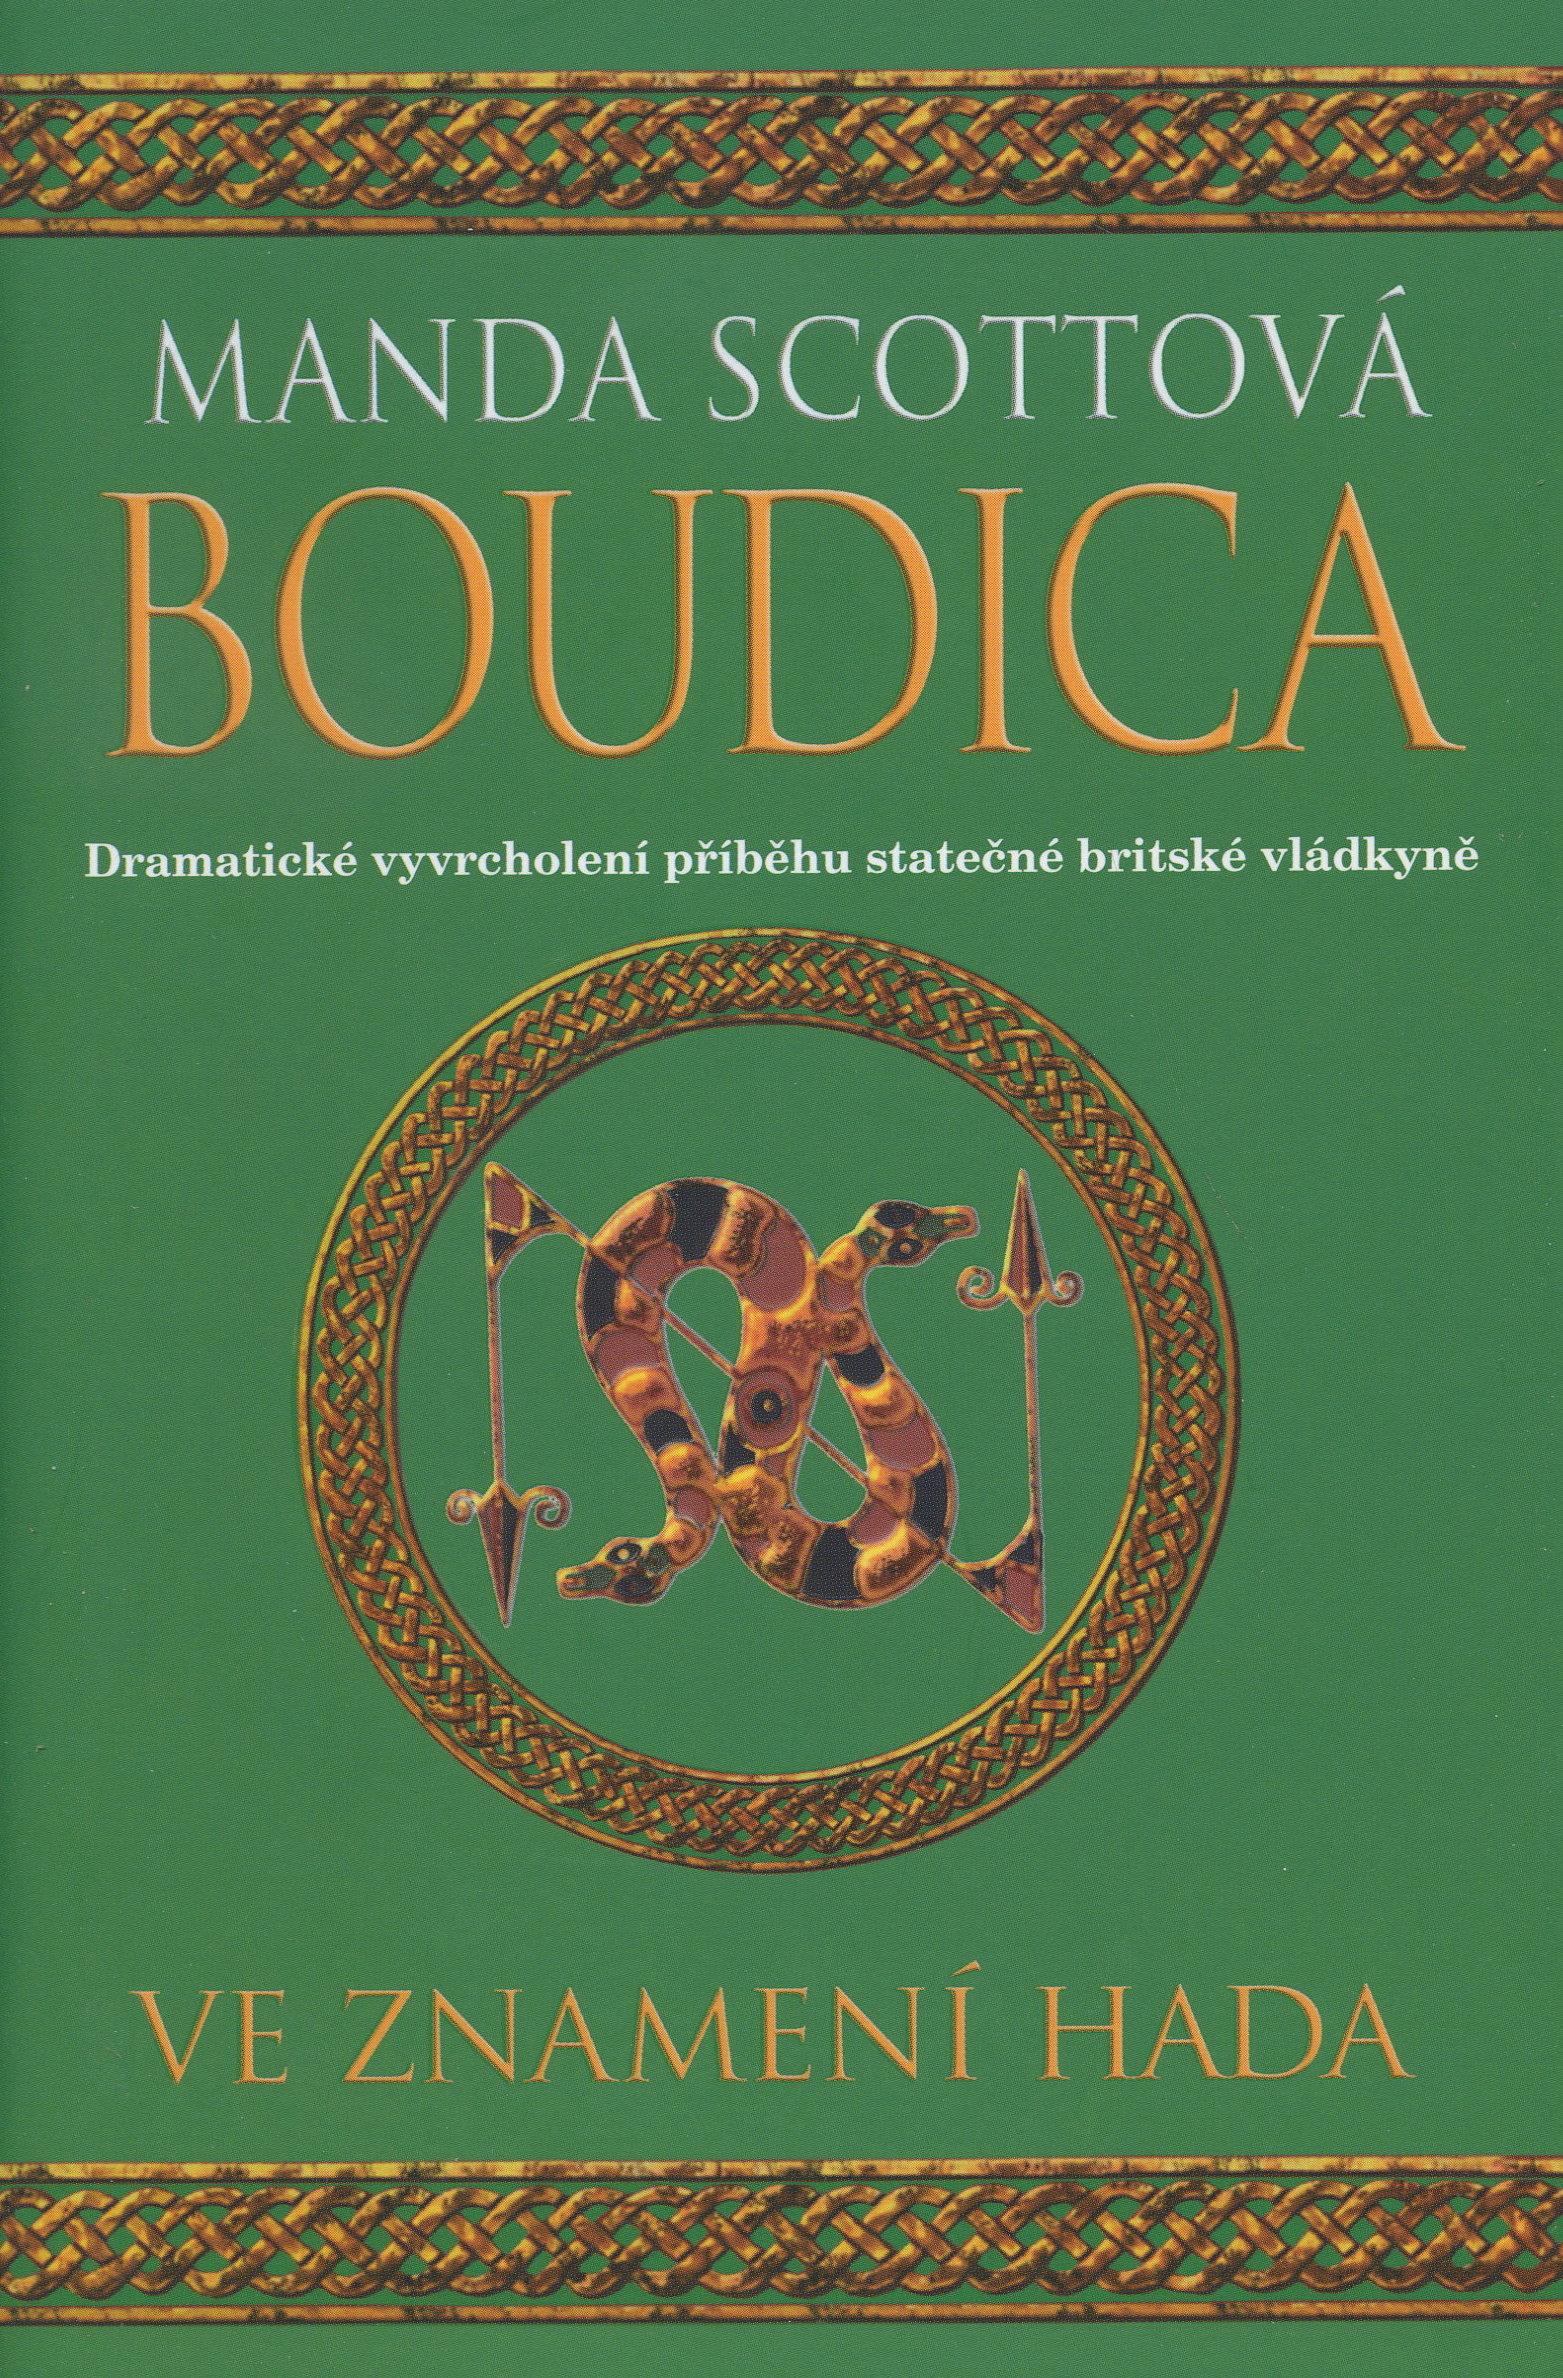 Boudica - Ve znamení hada